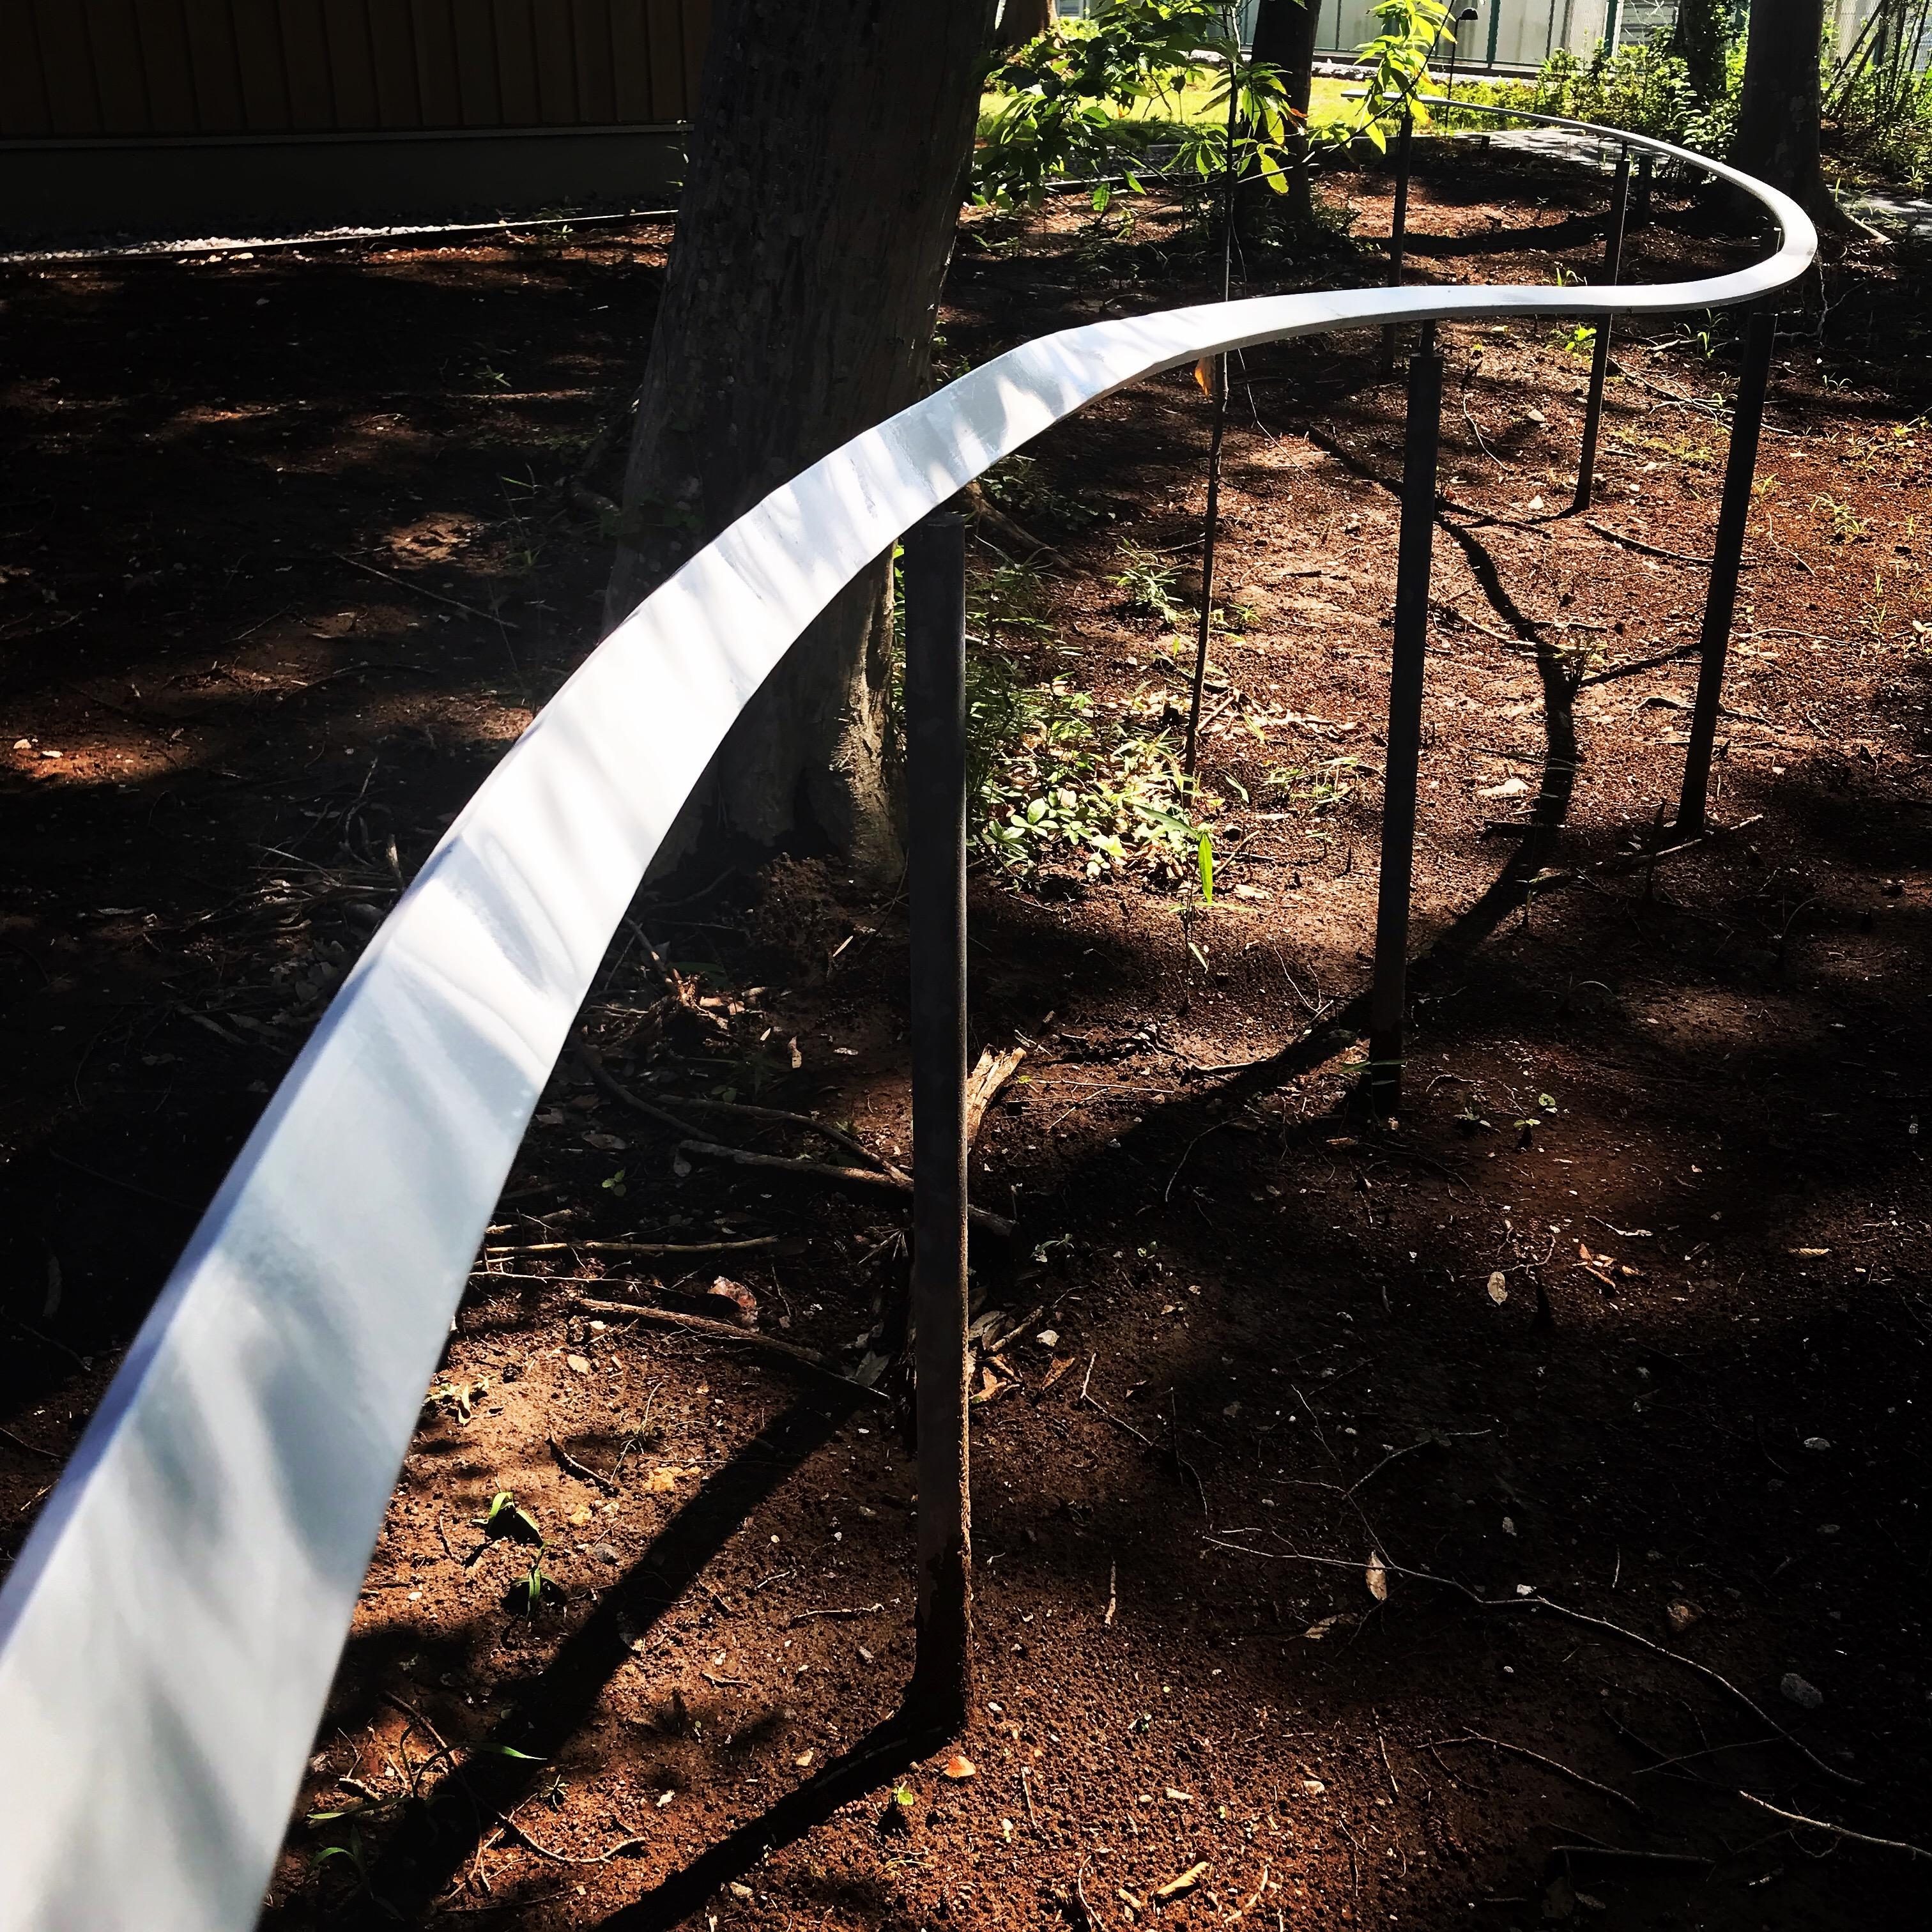 天端から湾曲する手すり/Curved handrail